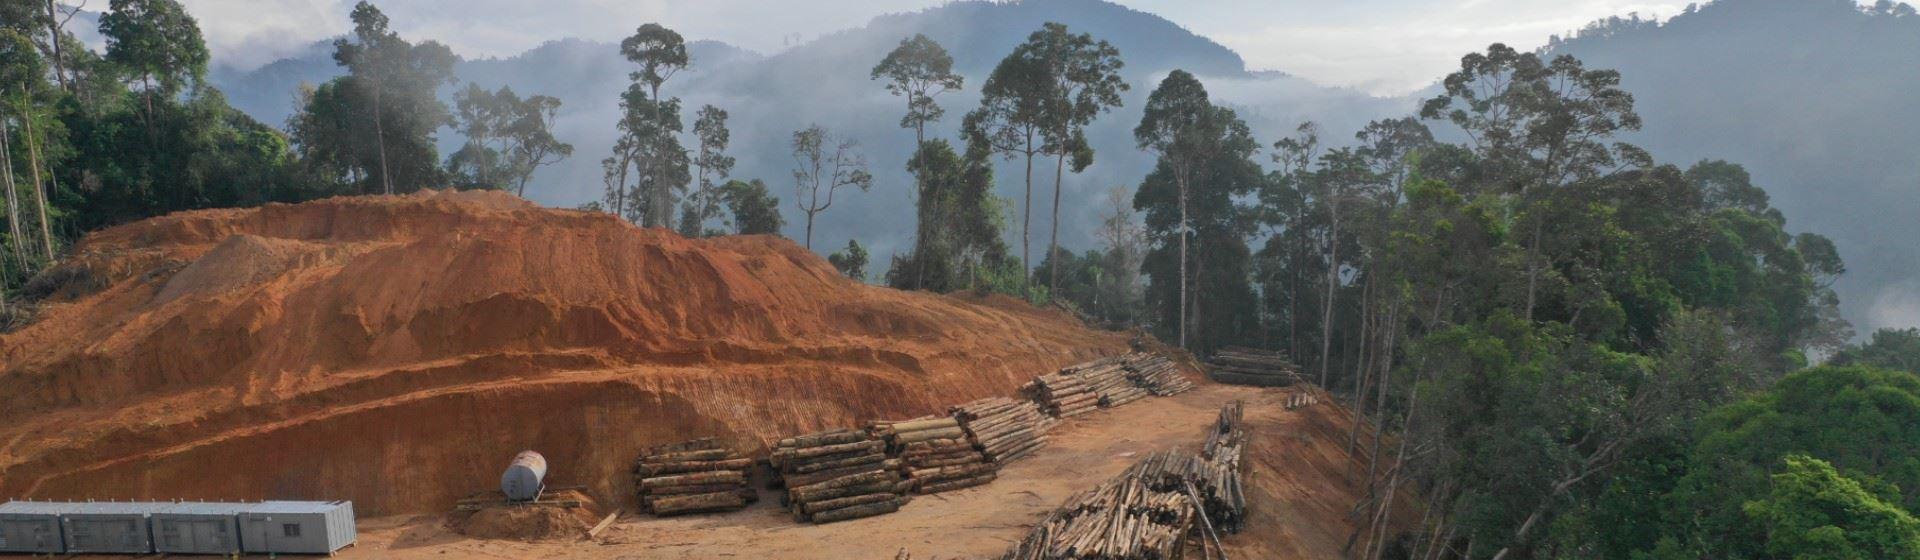 Brede coalitie van beleggers roept bedrijven op om ontbossing te stoppen.